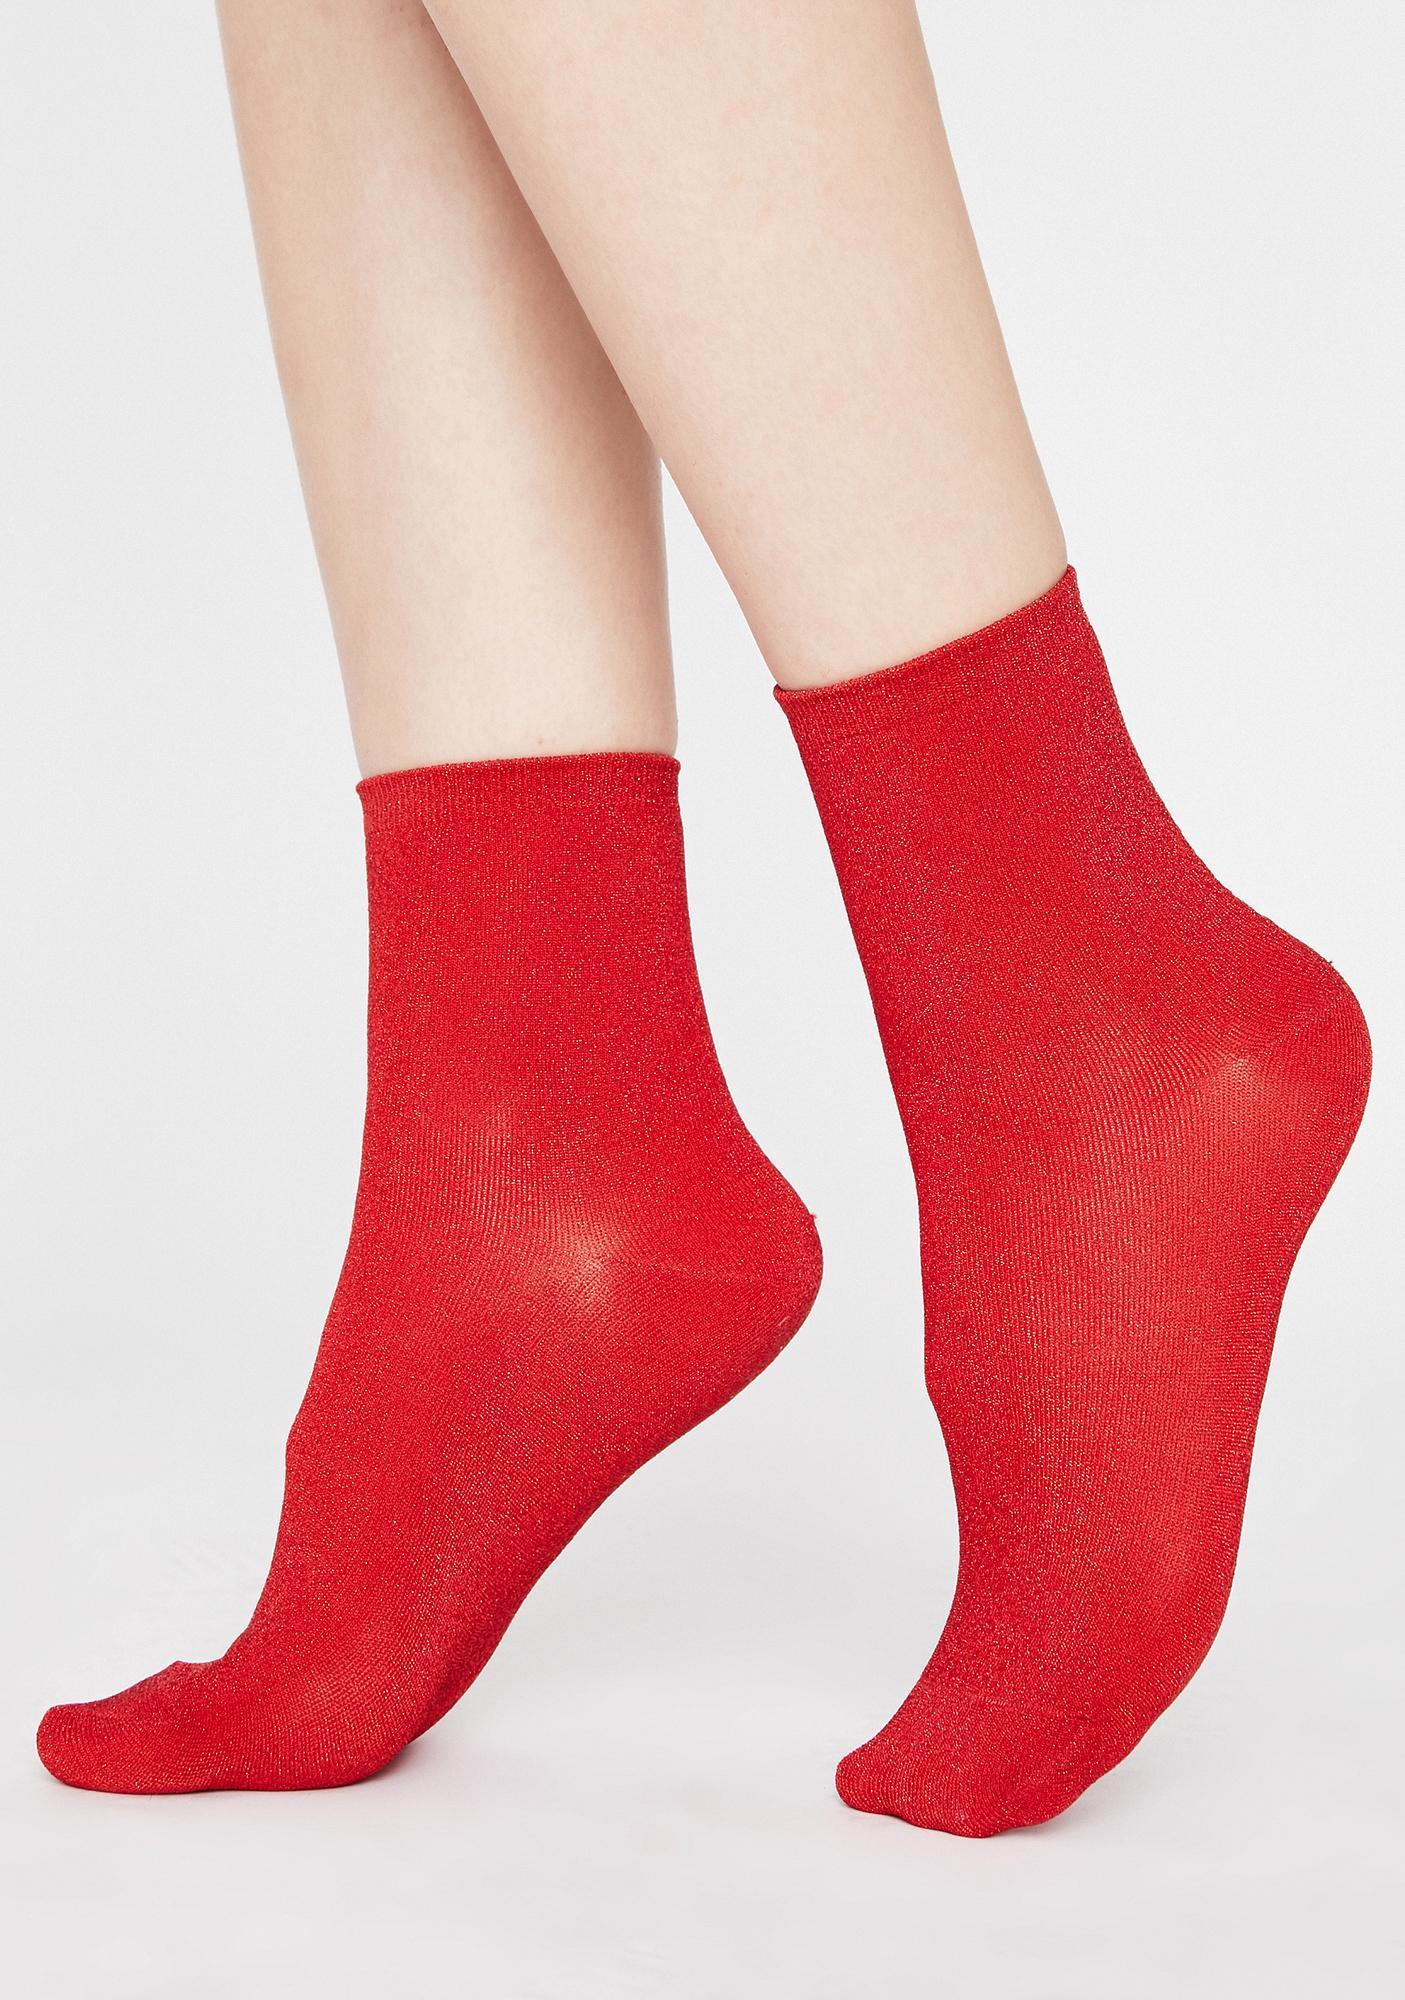 Hottie Lite On My Feet Glitter Socks